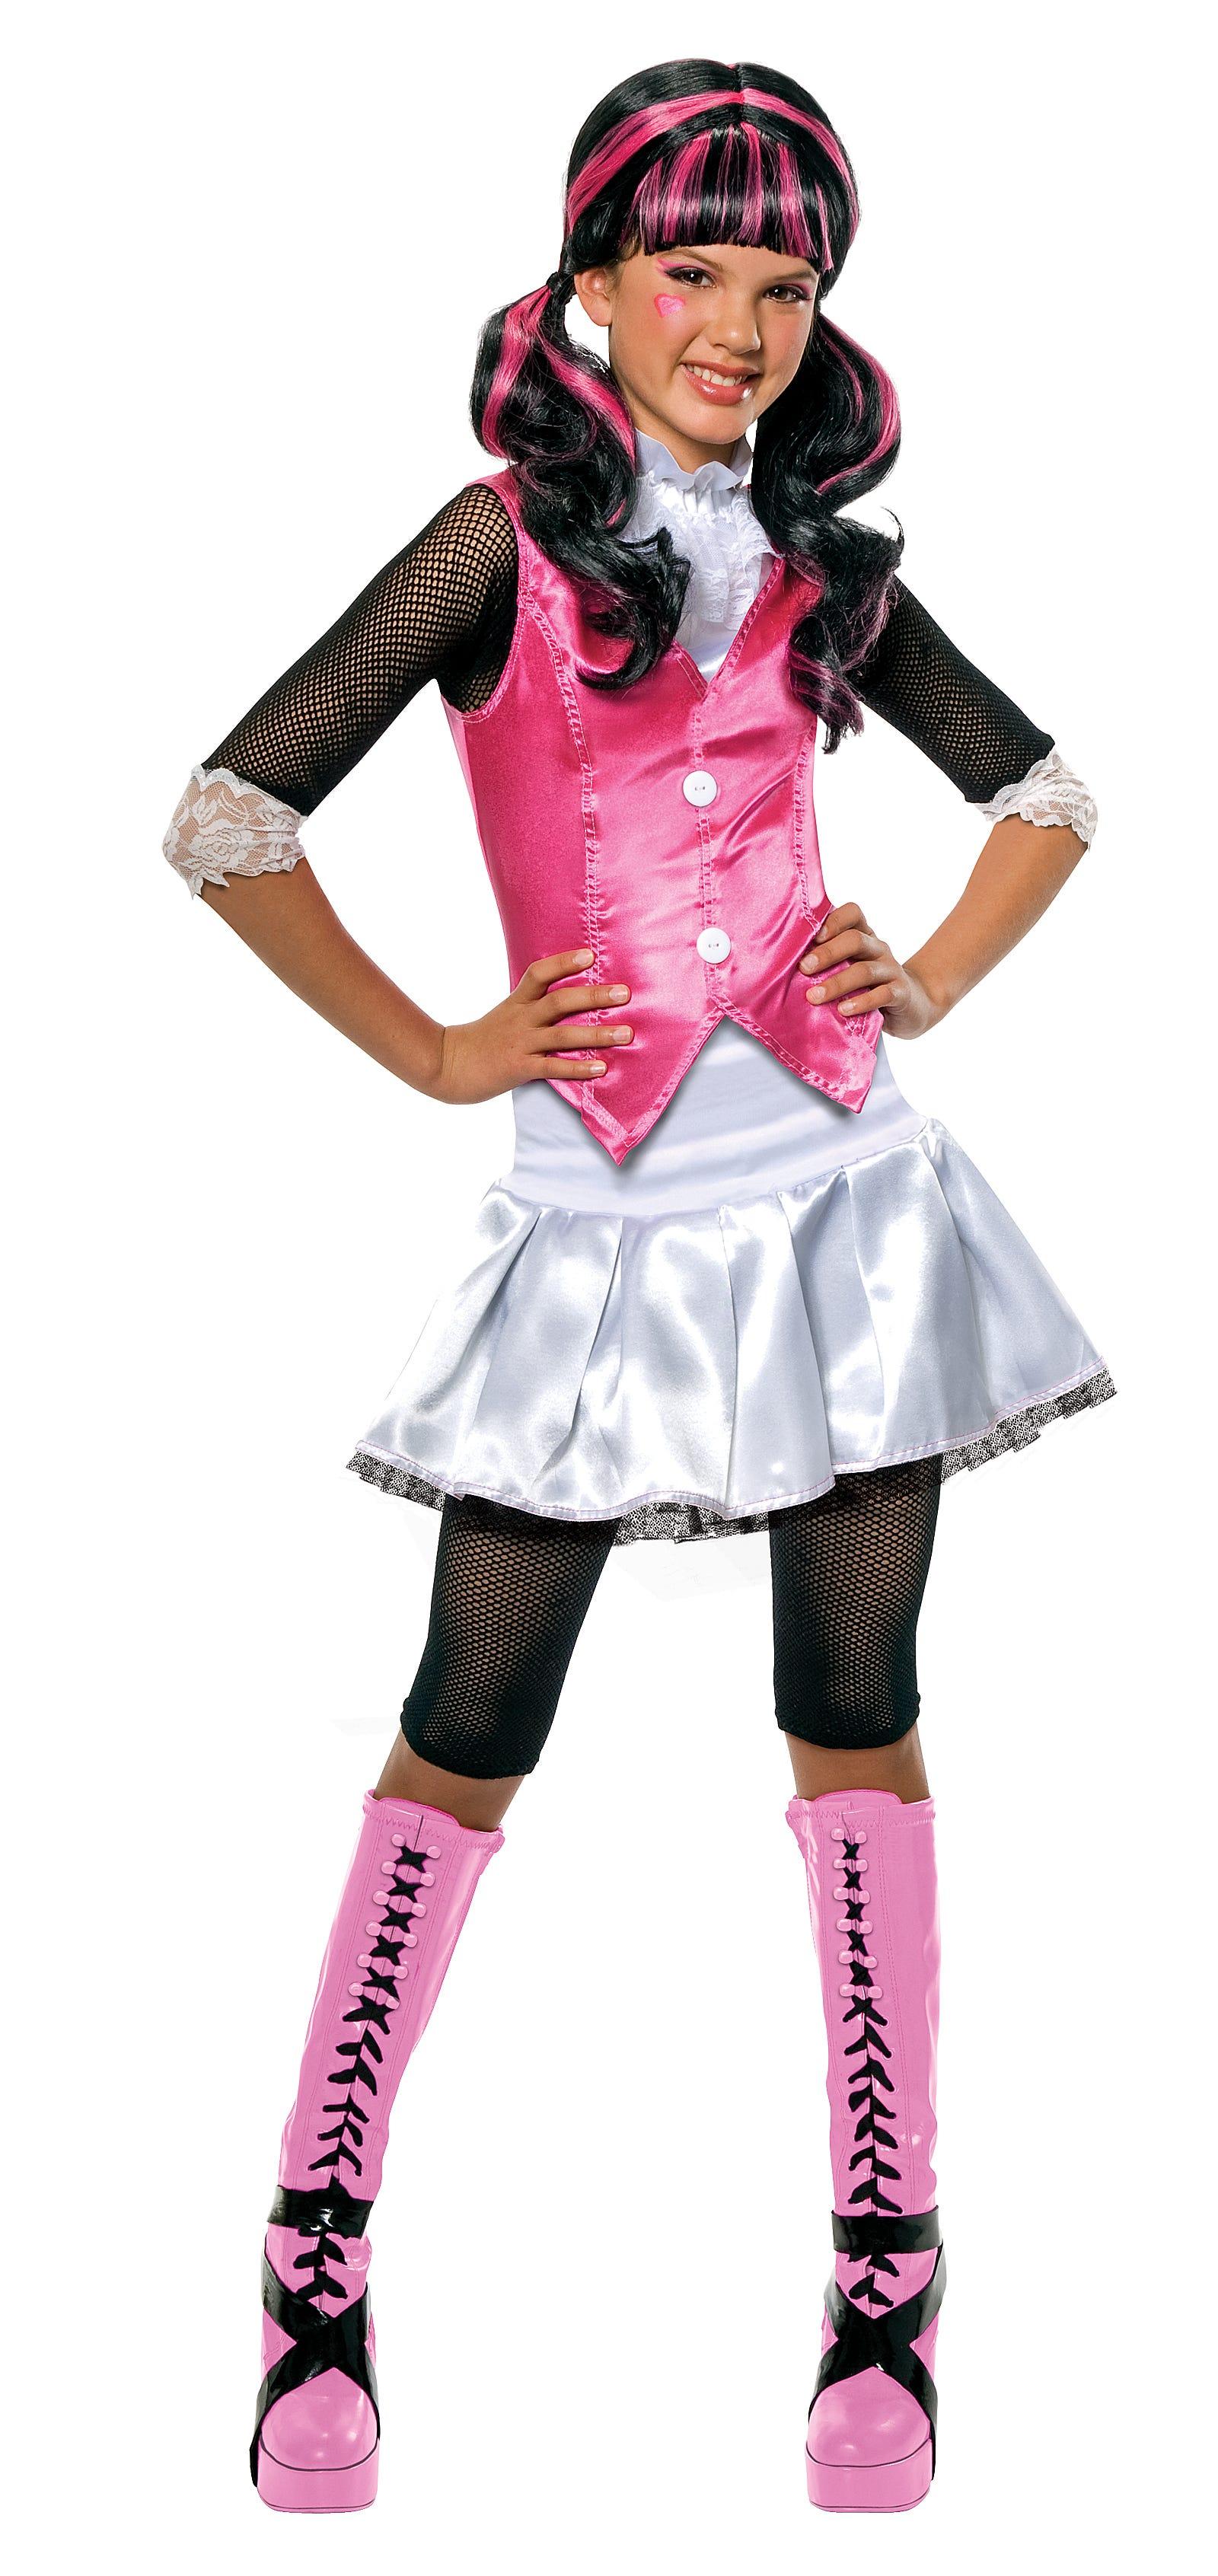 monster high draculaura costume fancy dress up book - Halloween Girl Dress Up